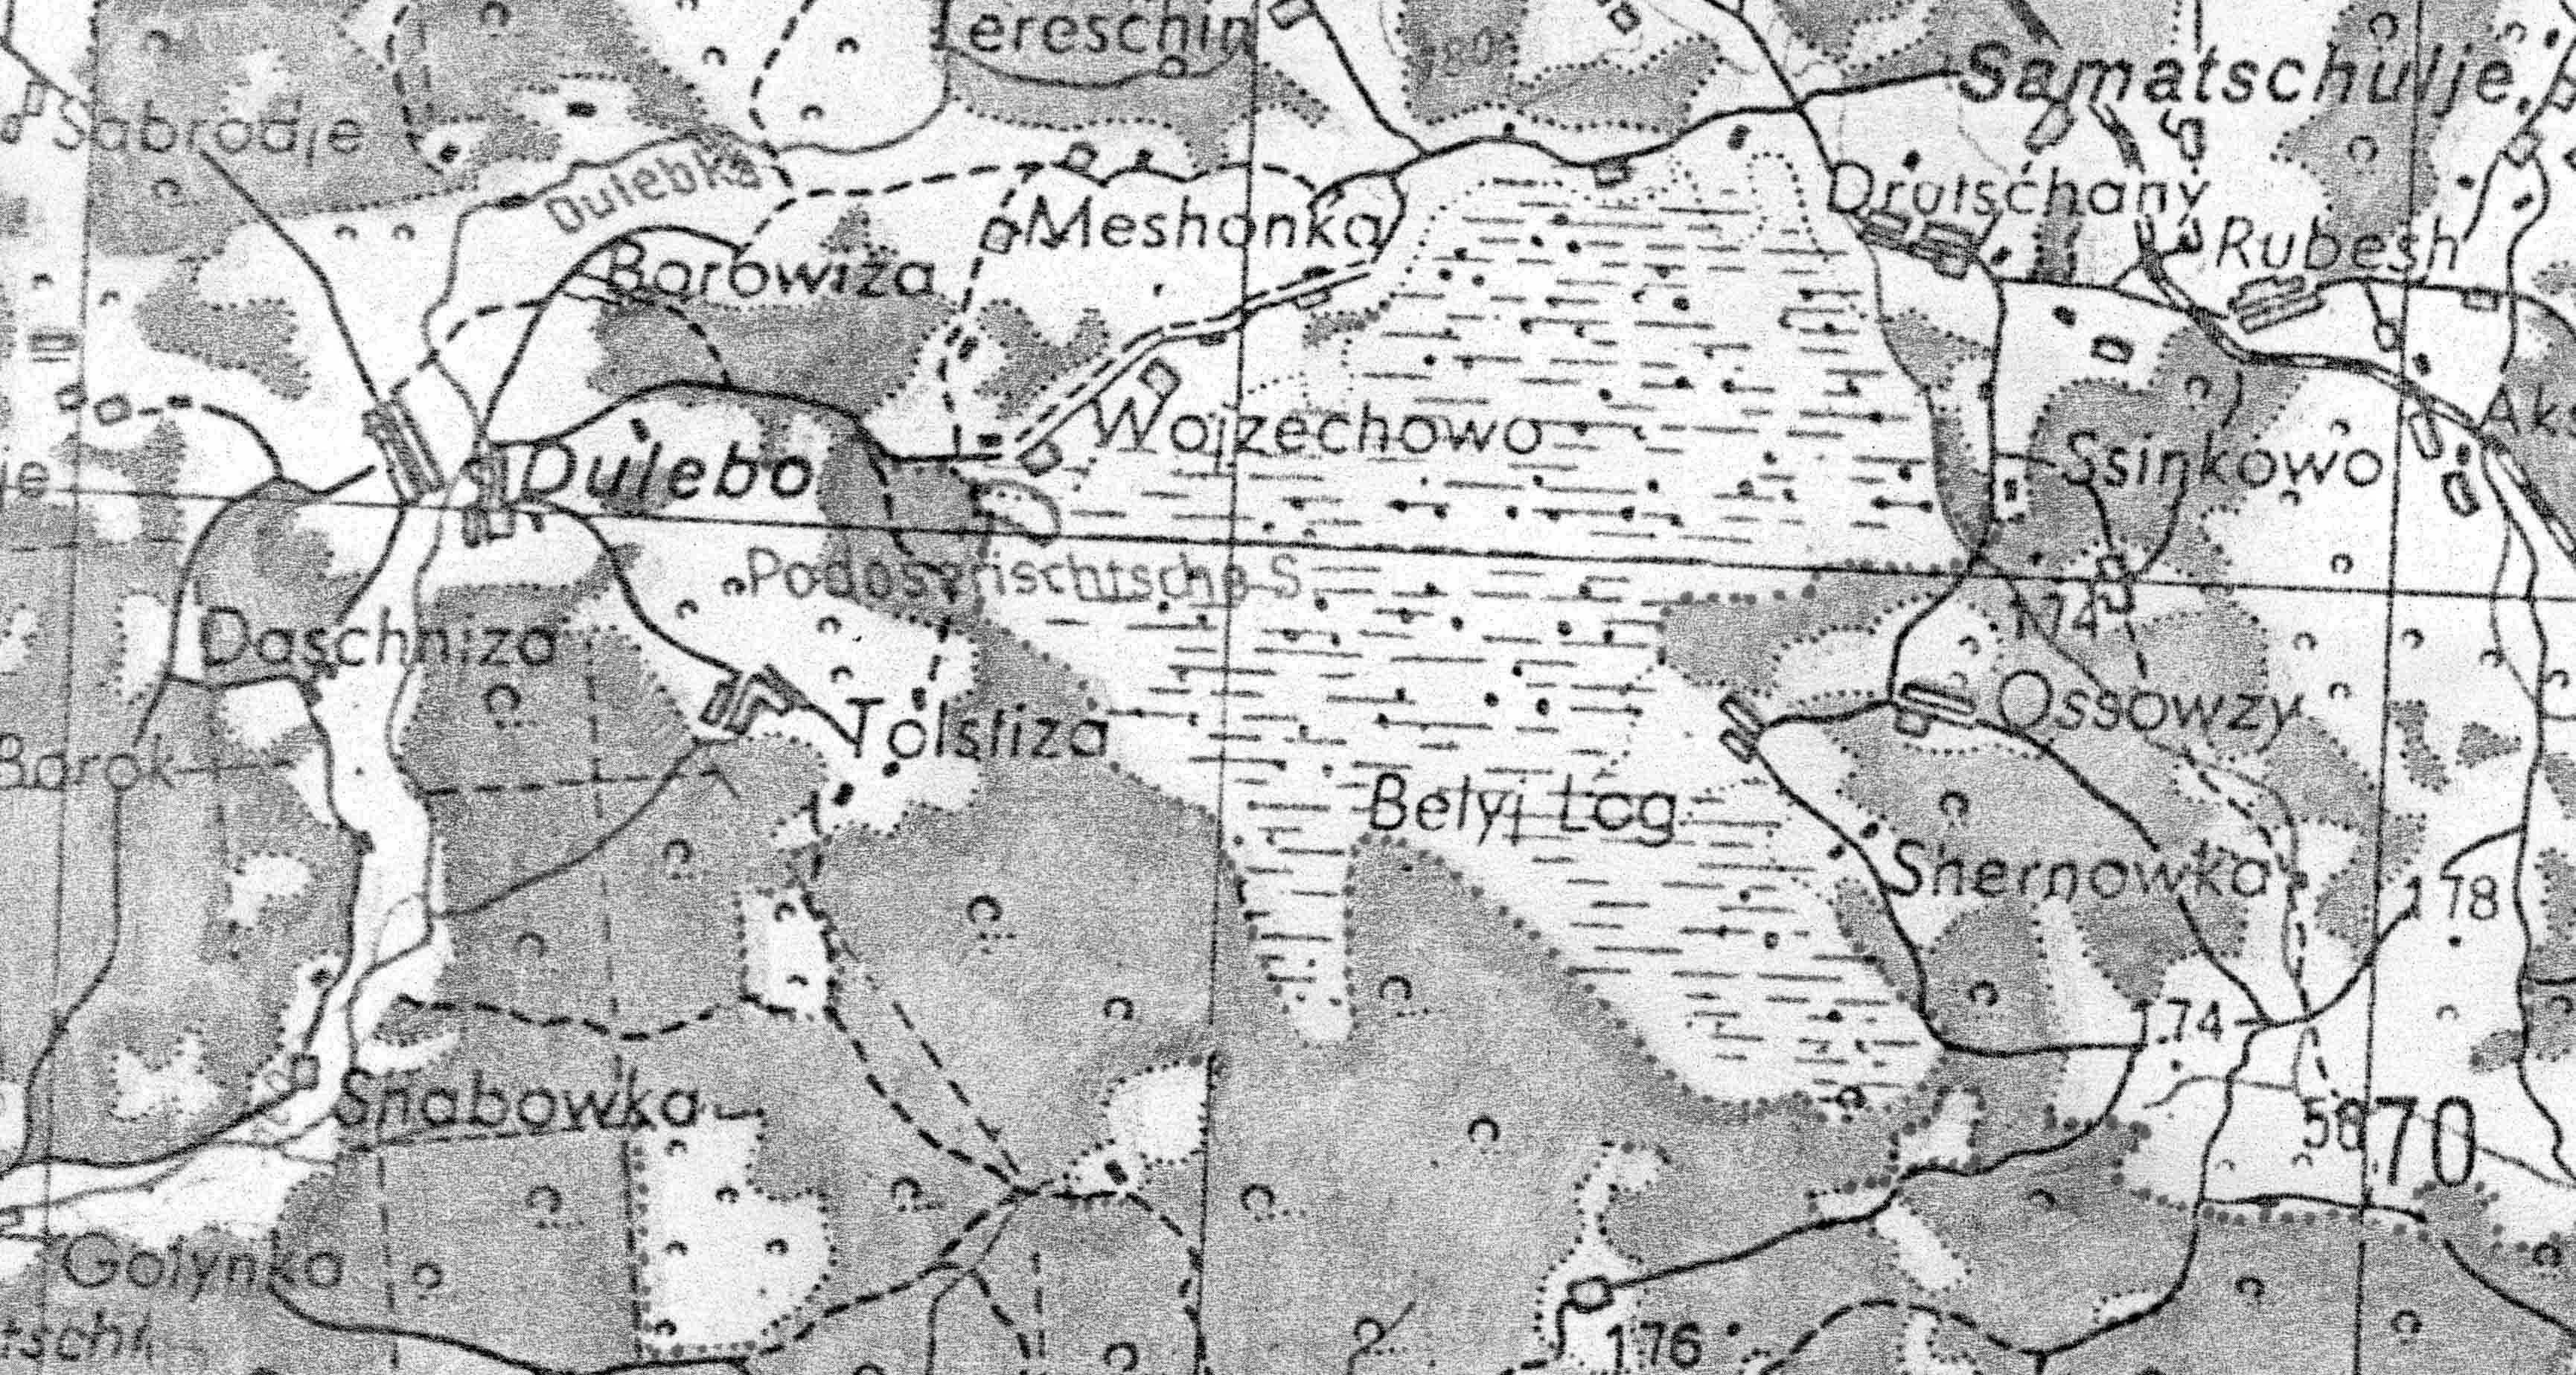 Konstantynowicz / Konstantinovich genealogy from Belarus and